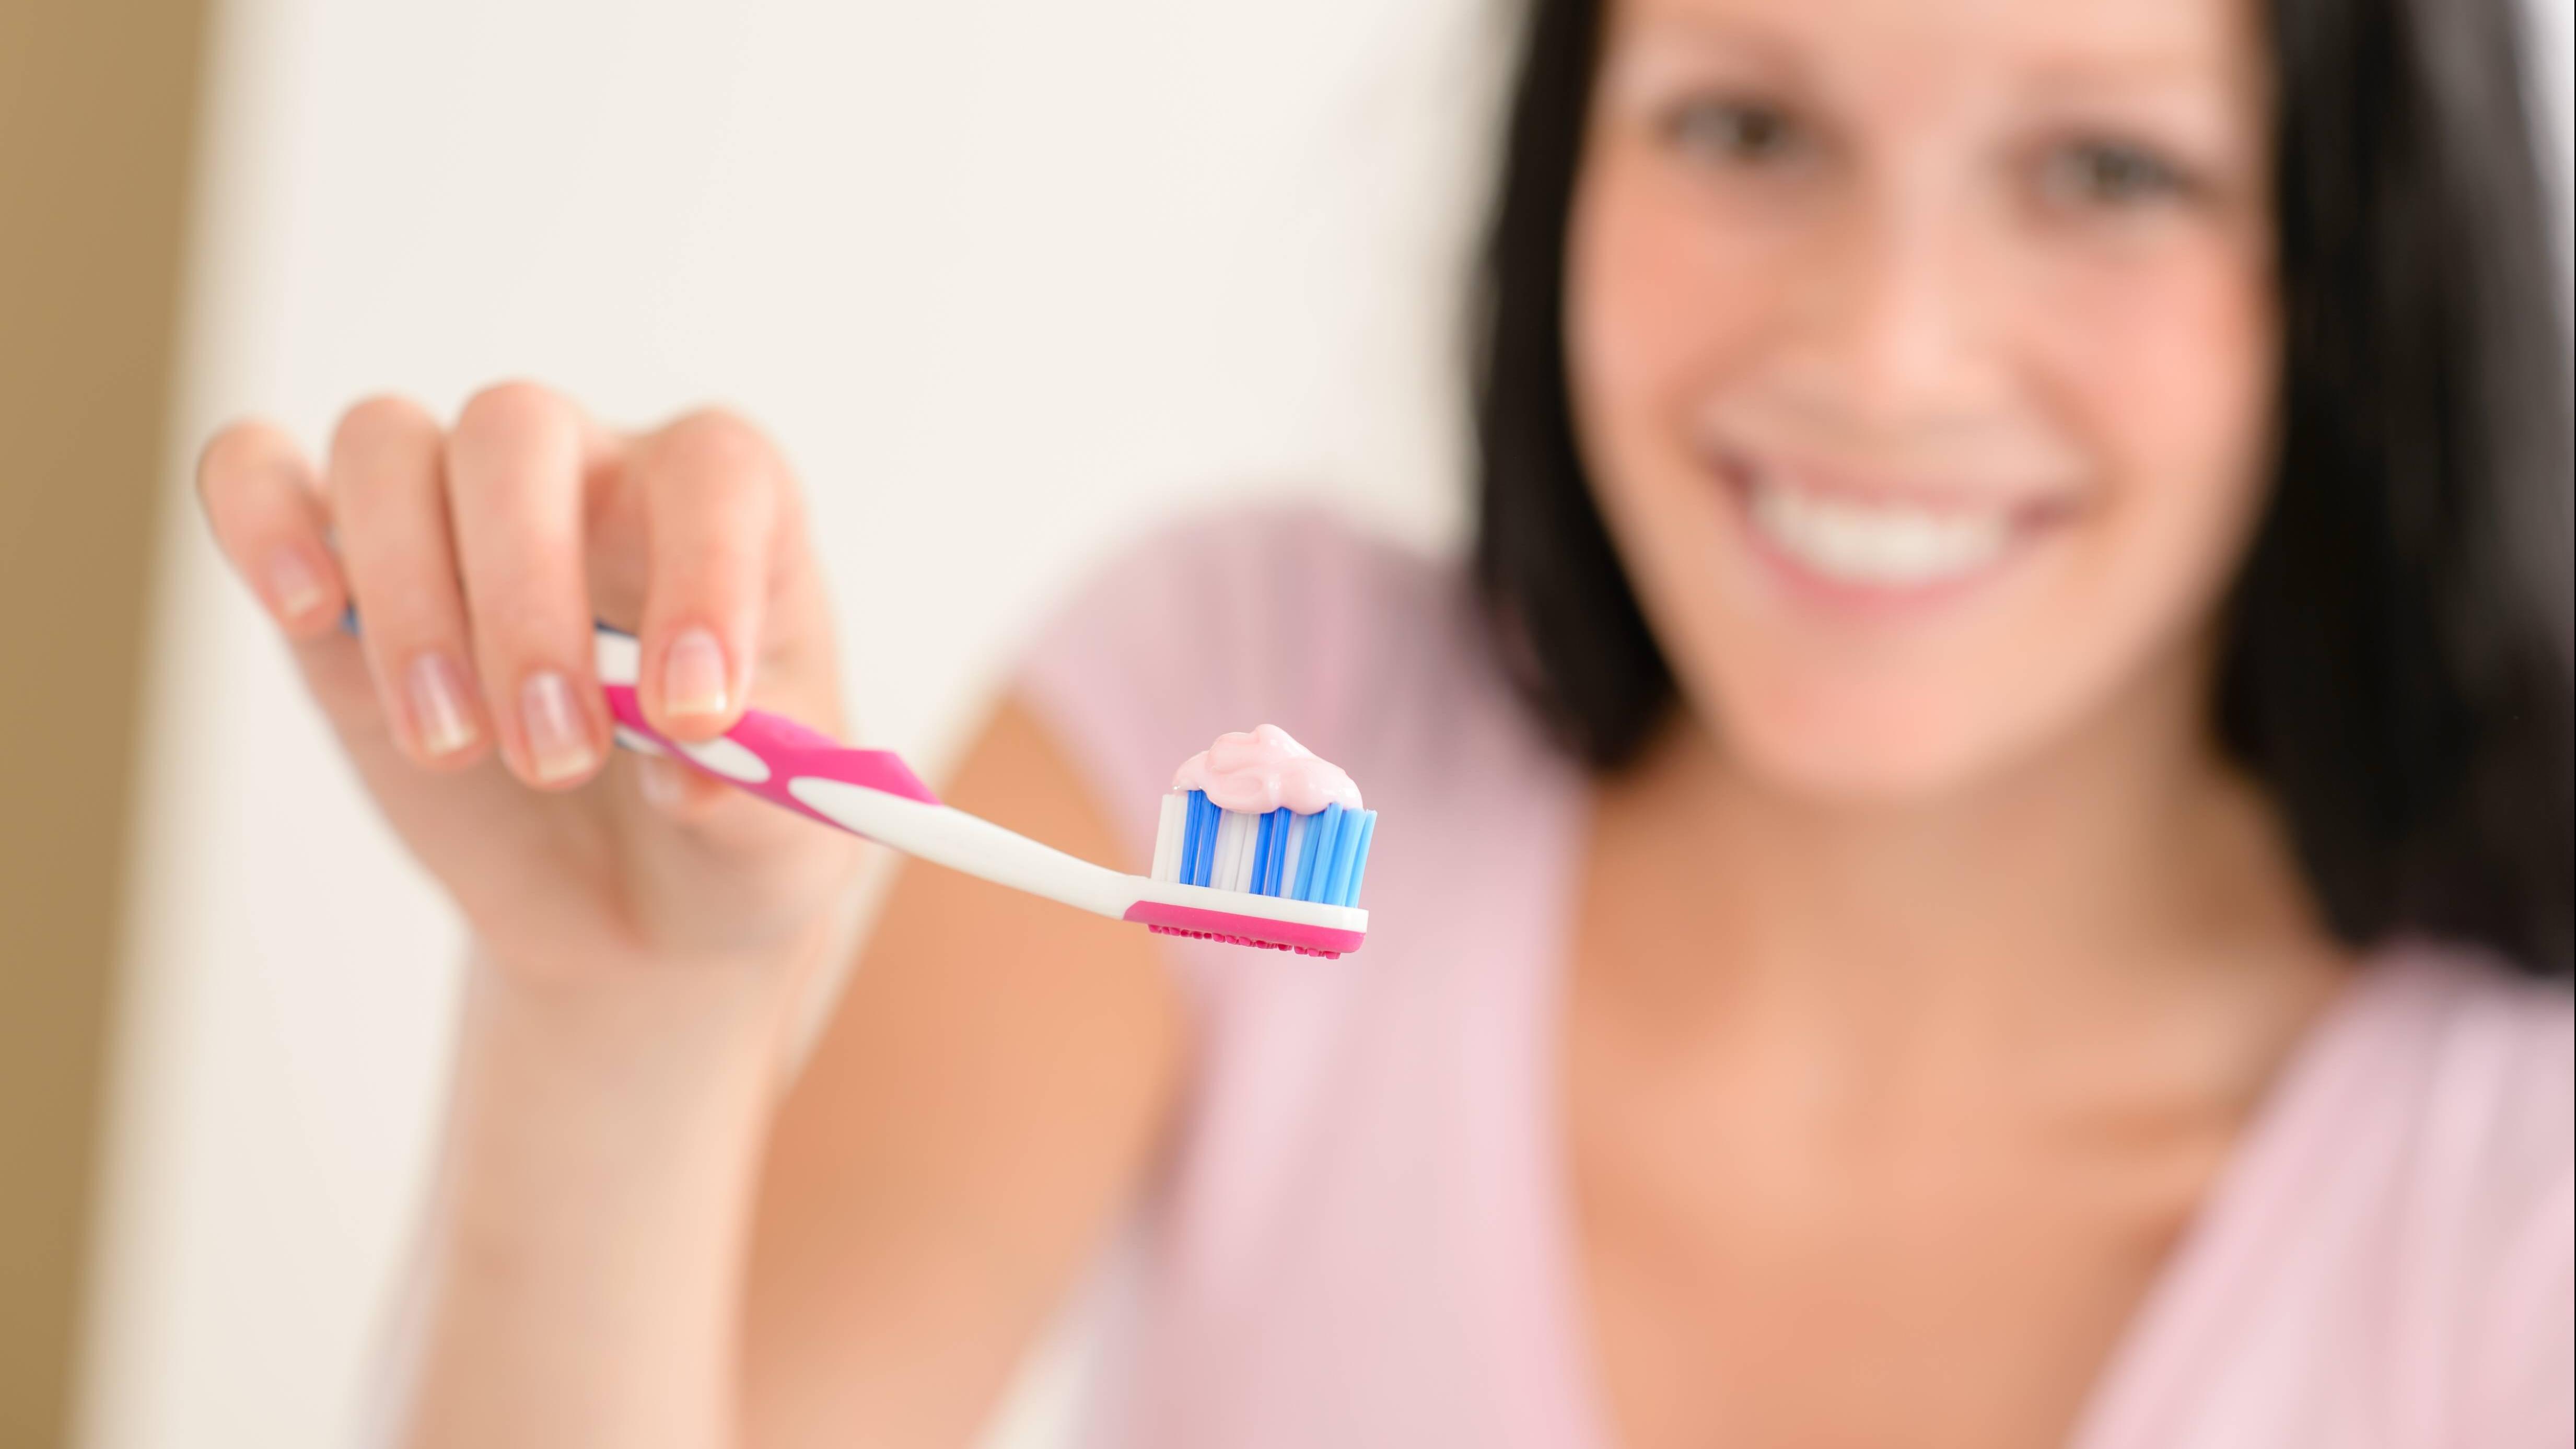 Zahnpasta: Testsieger bei Stiftung Warentest und Ökotest